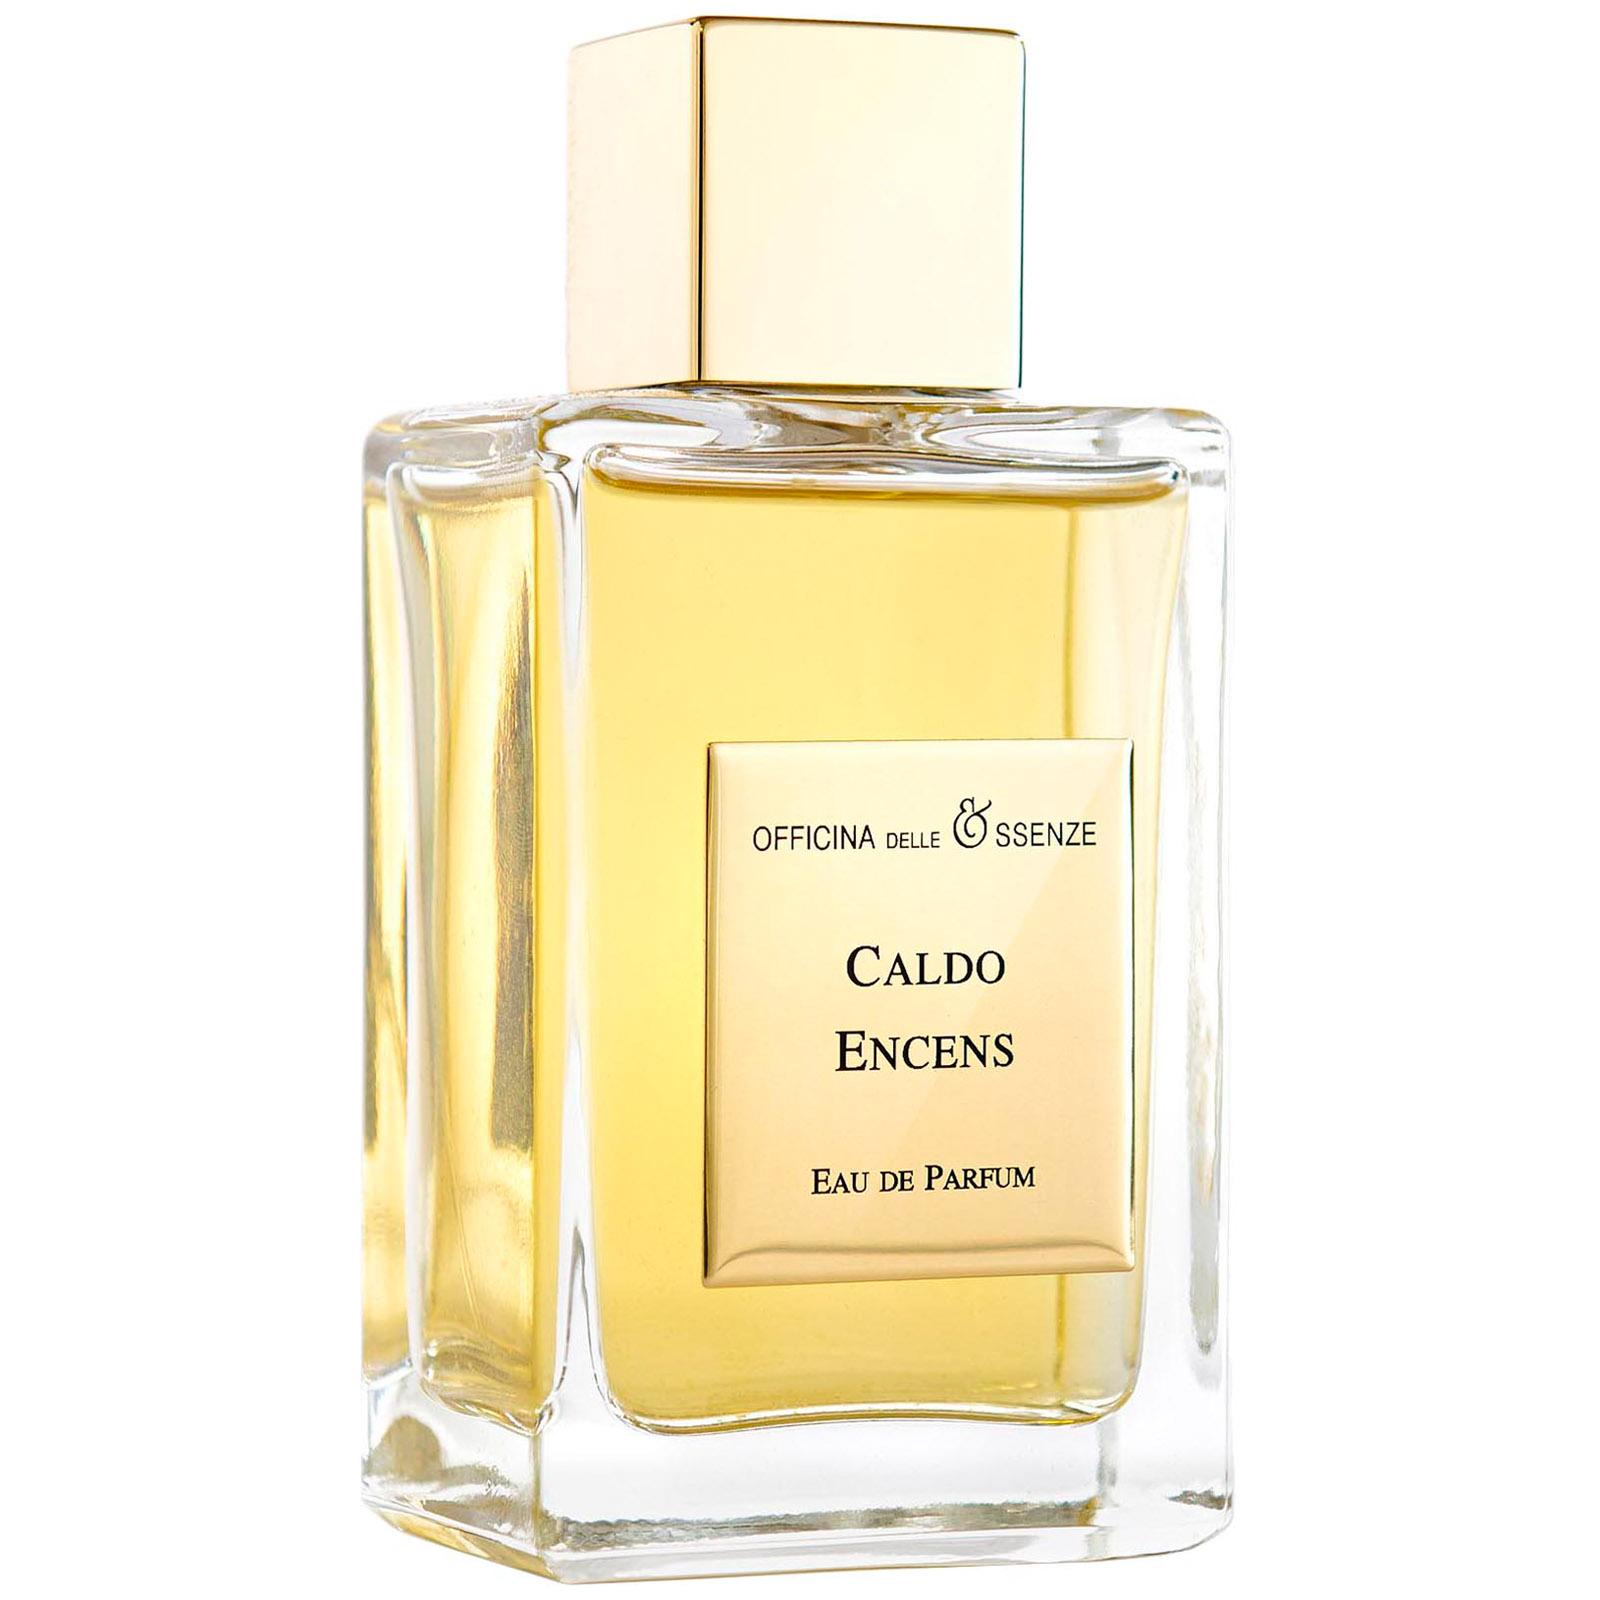 Caldo encens profumo eau de parfum 100 ml